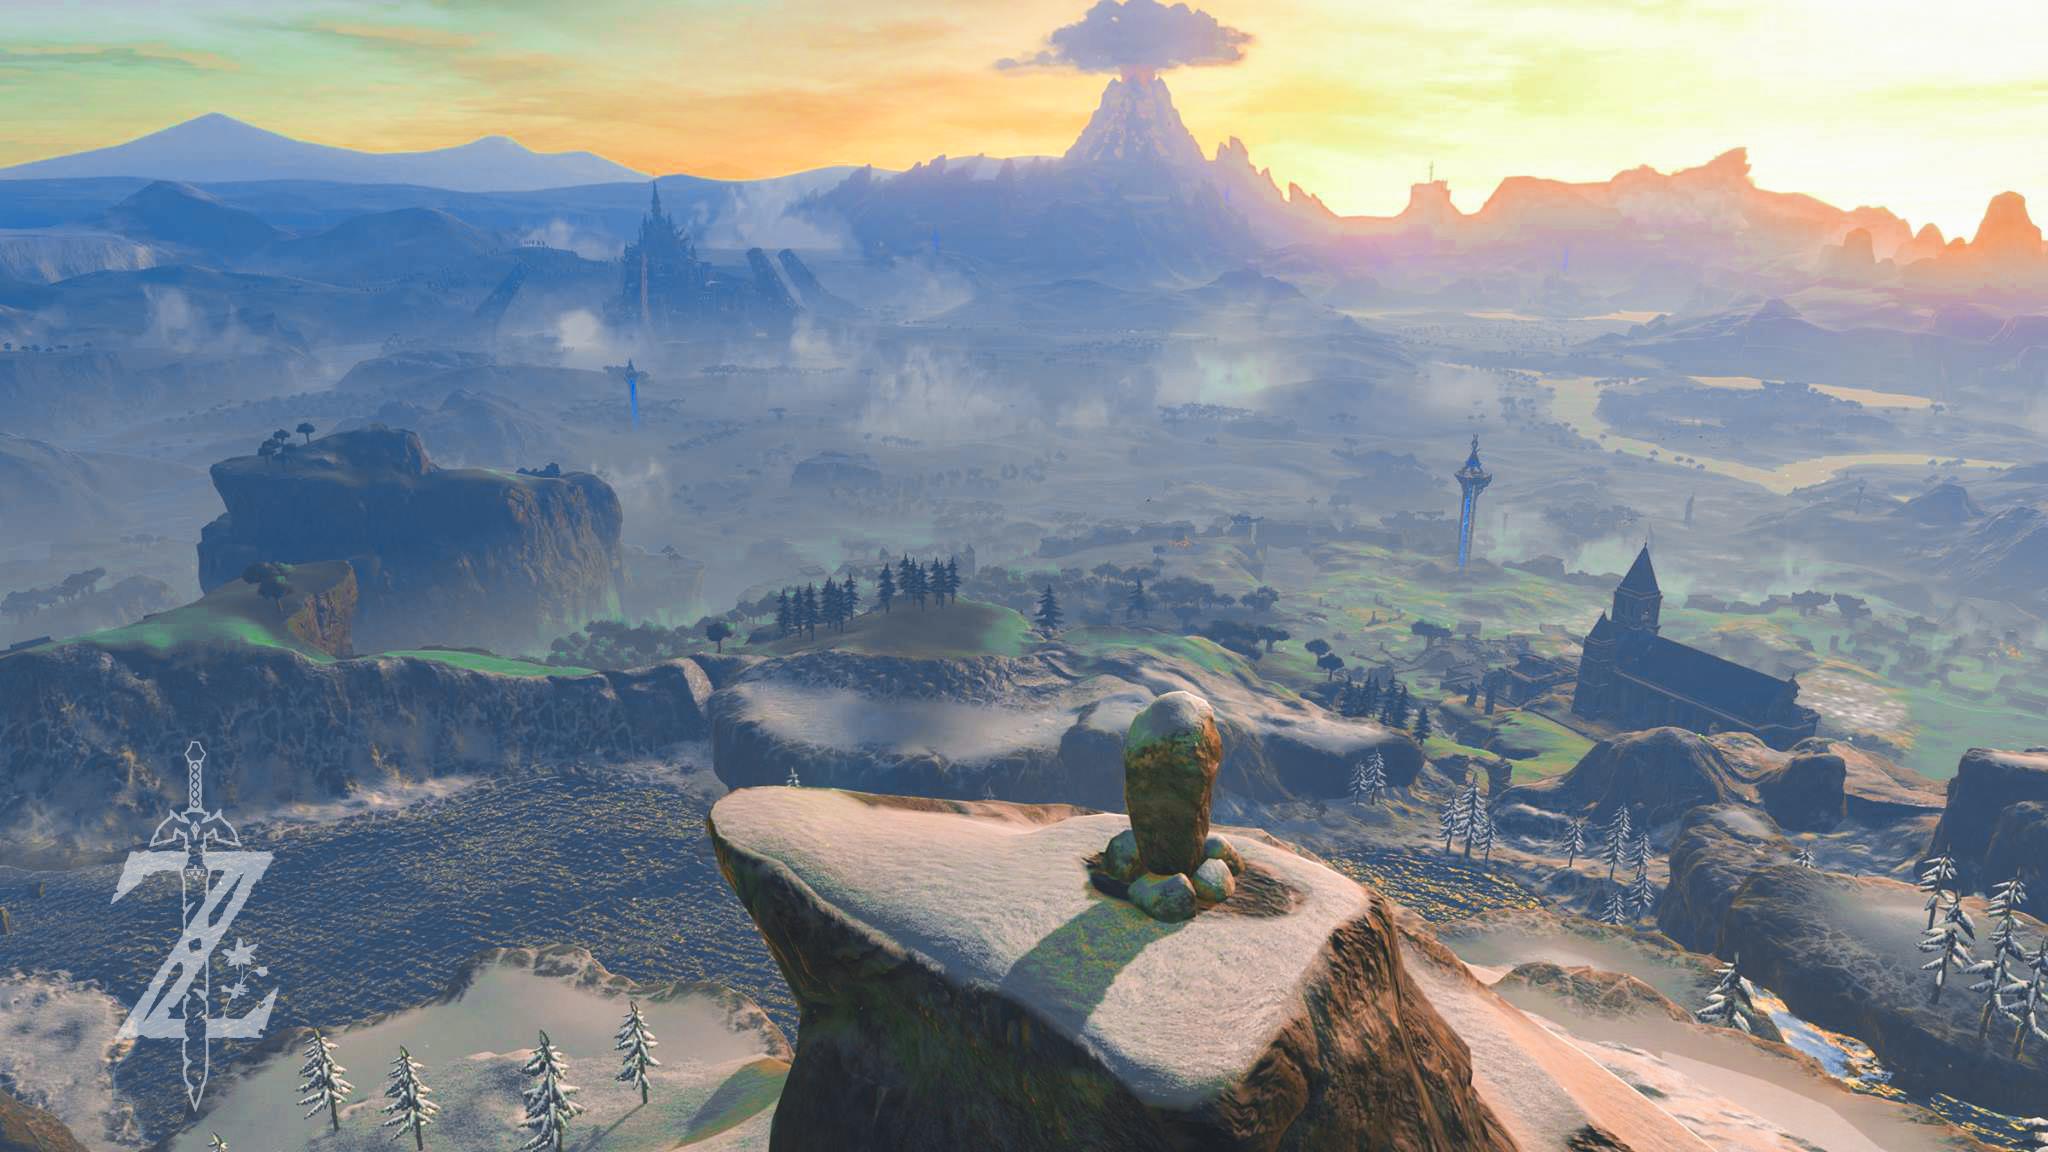 Zelda Breath Of The Wild Wallpapers Wallpapersafari